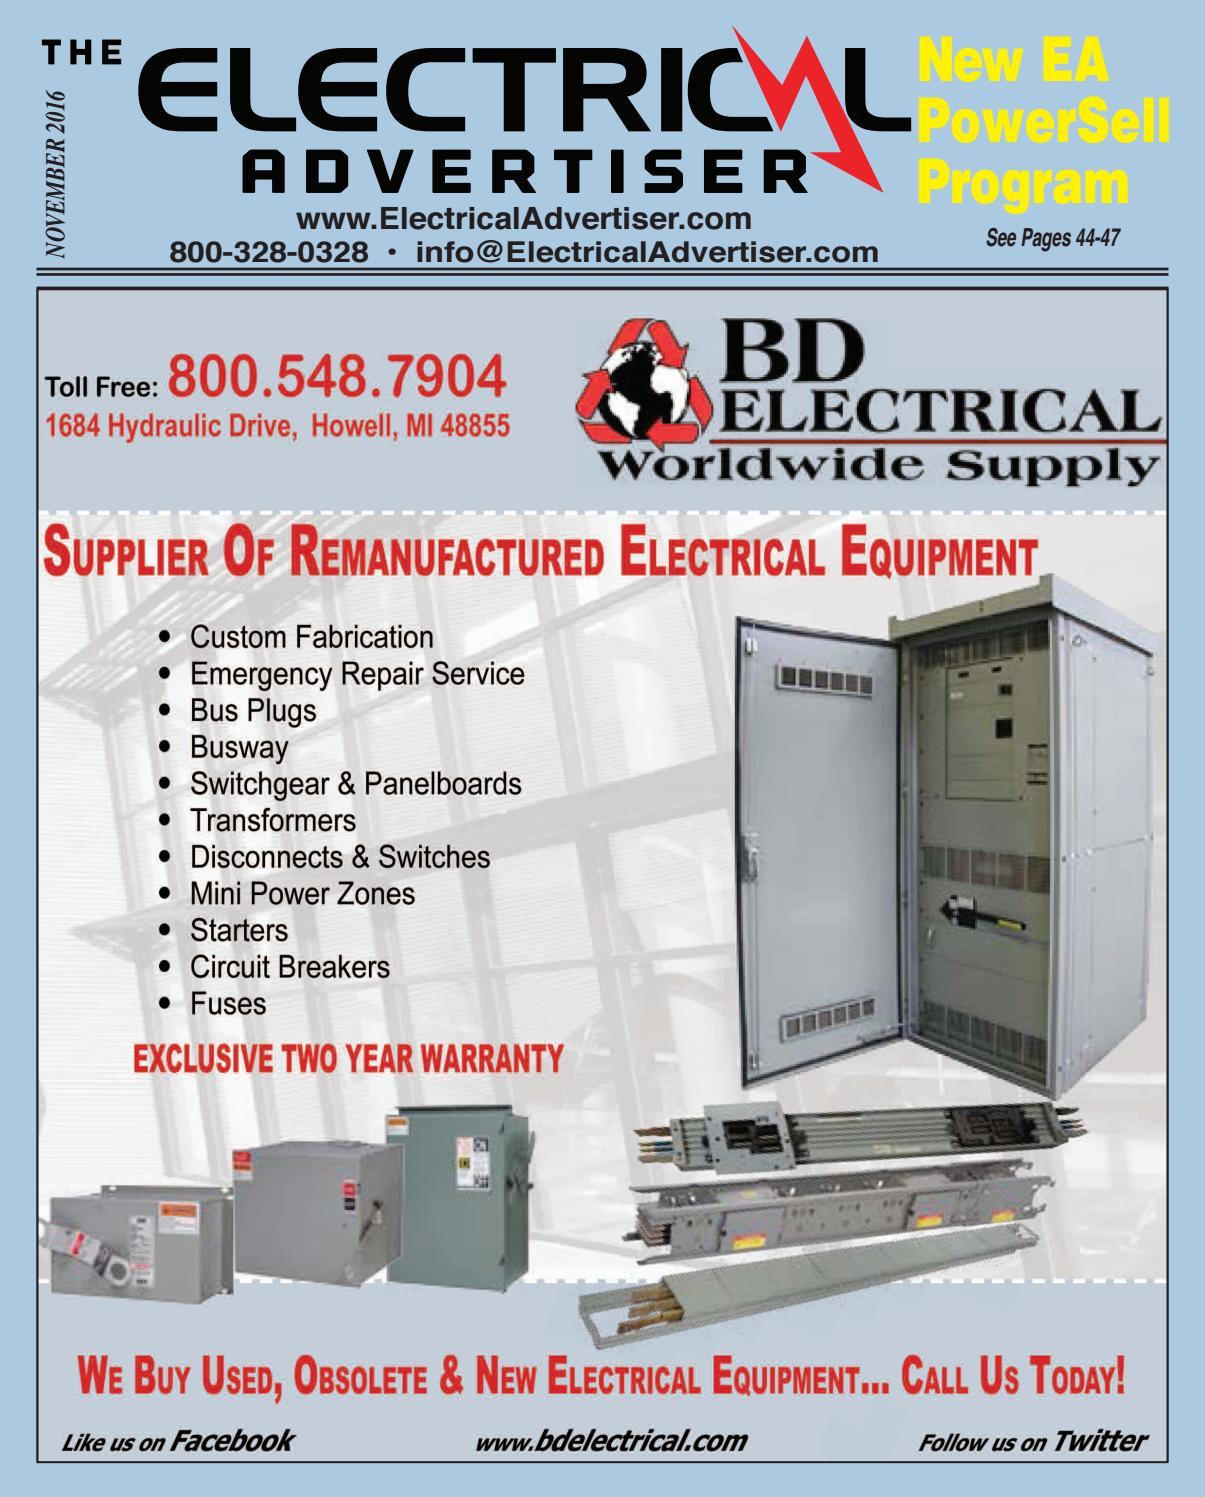 15 Amp Male Plug Assorted Brands NEMA 6-15 250VAC